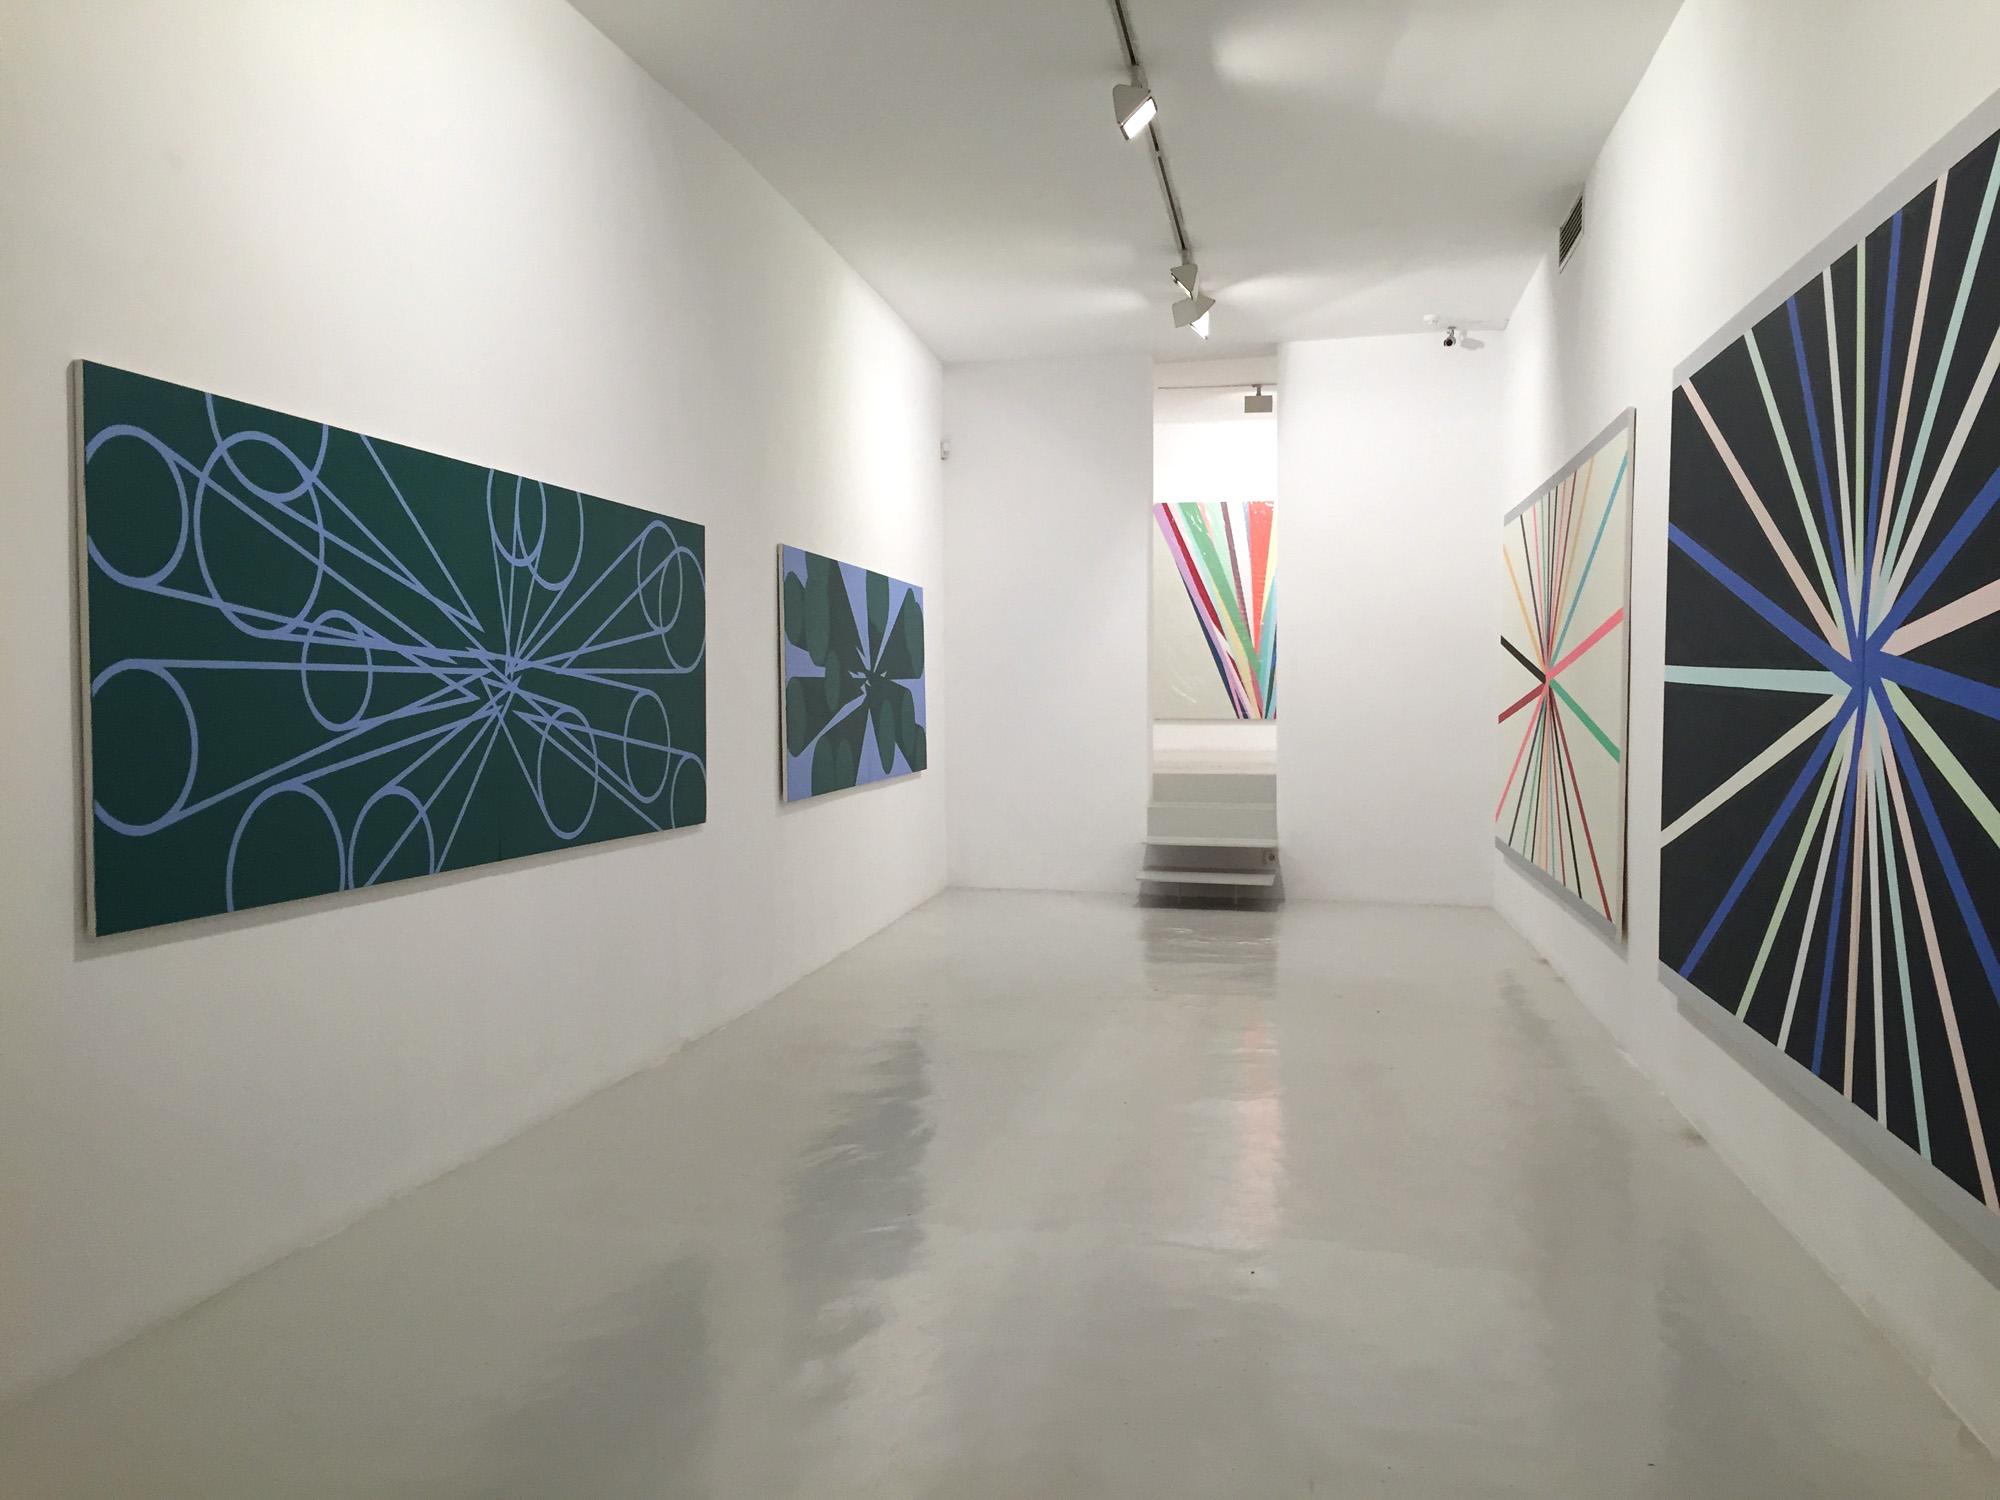 Vista de la exposición Memorias Imaginadas en la Galería de Palma, 2016